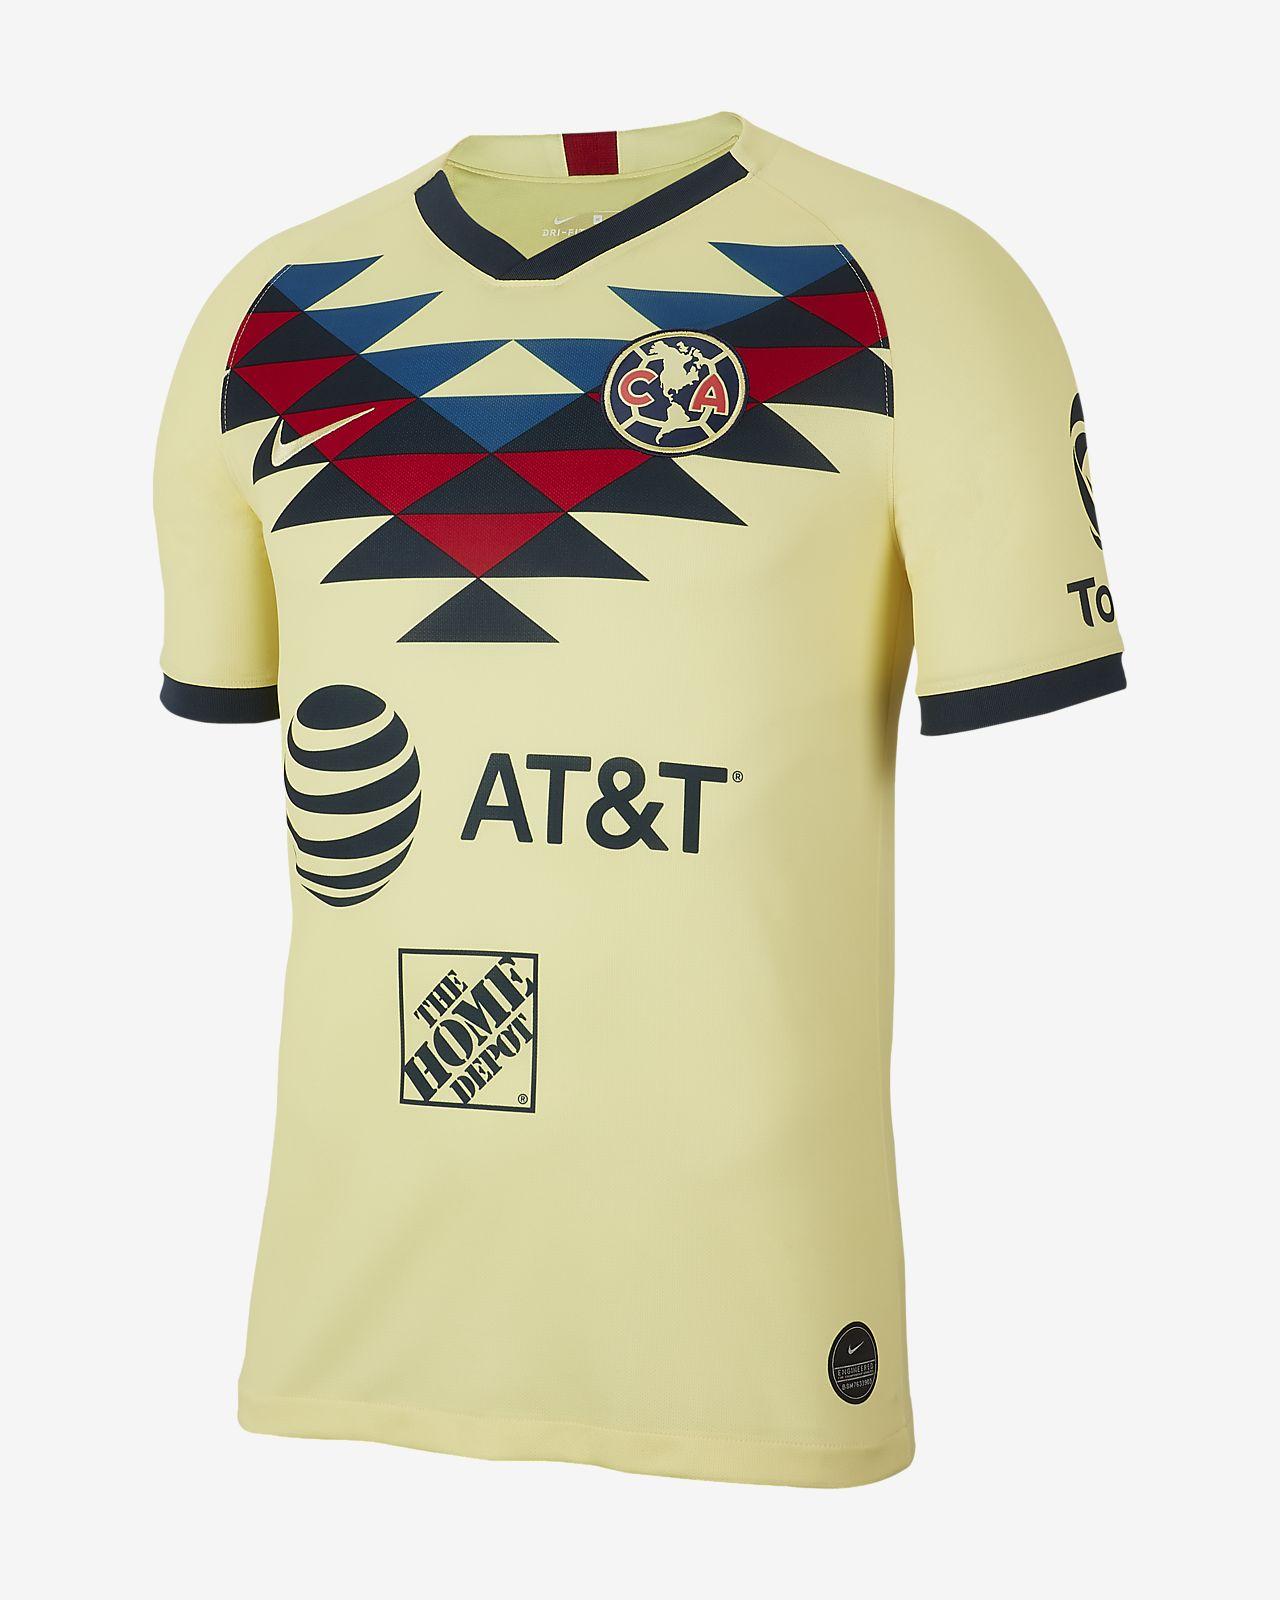 La camiseta del América para el Apertura 2019 y Clausura 2020 ha sido elegida como una de las más bonitas del mundo